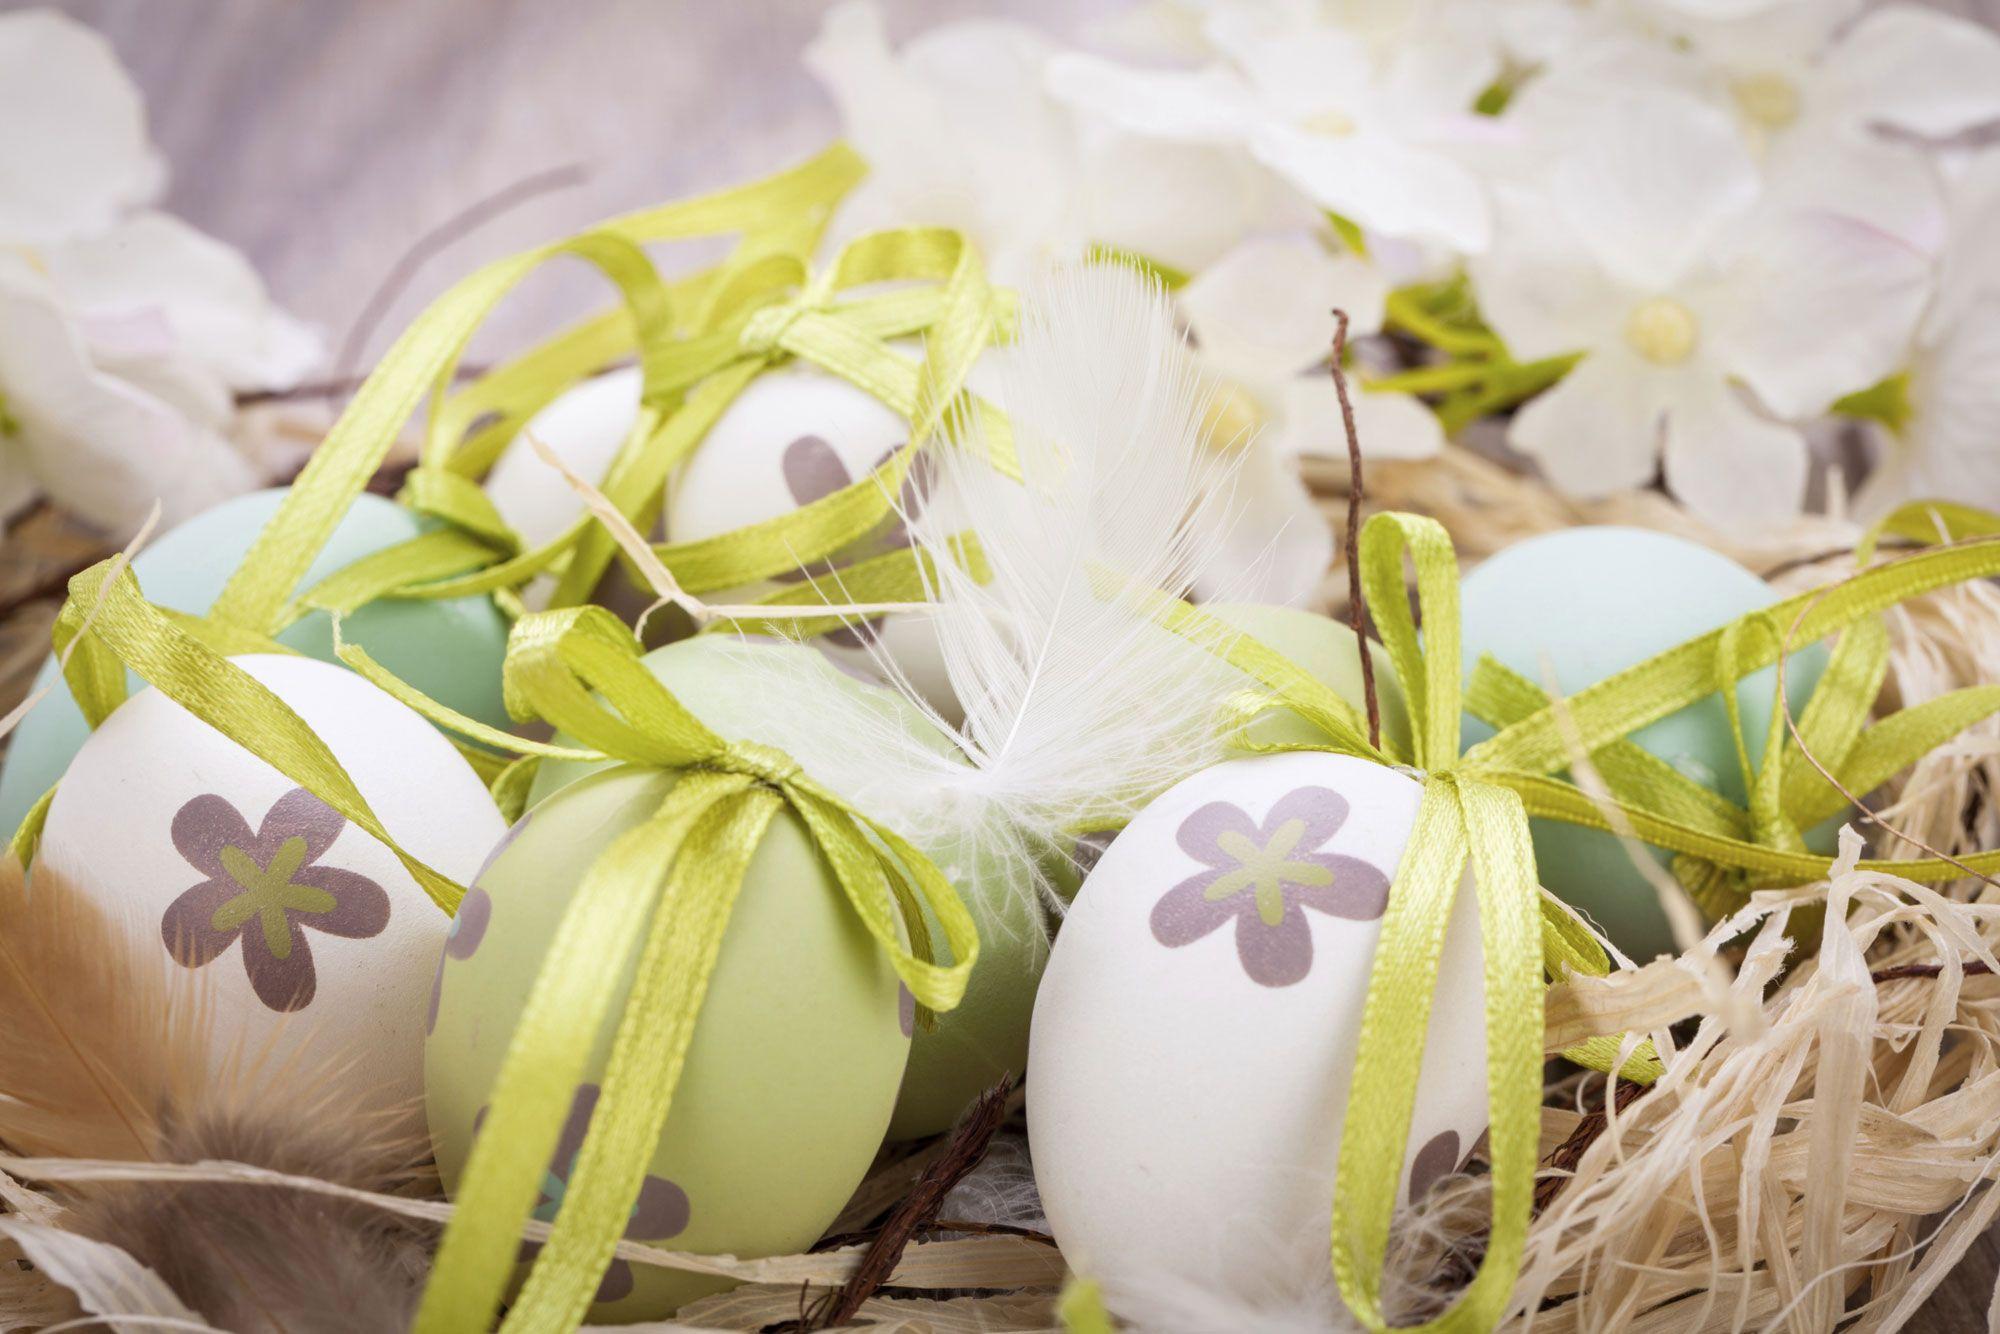 Décoration de Pâques - oeufs magnifiquement peints avec des fleurs